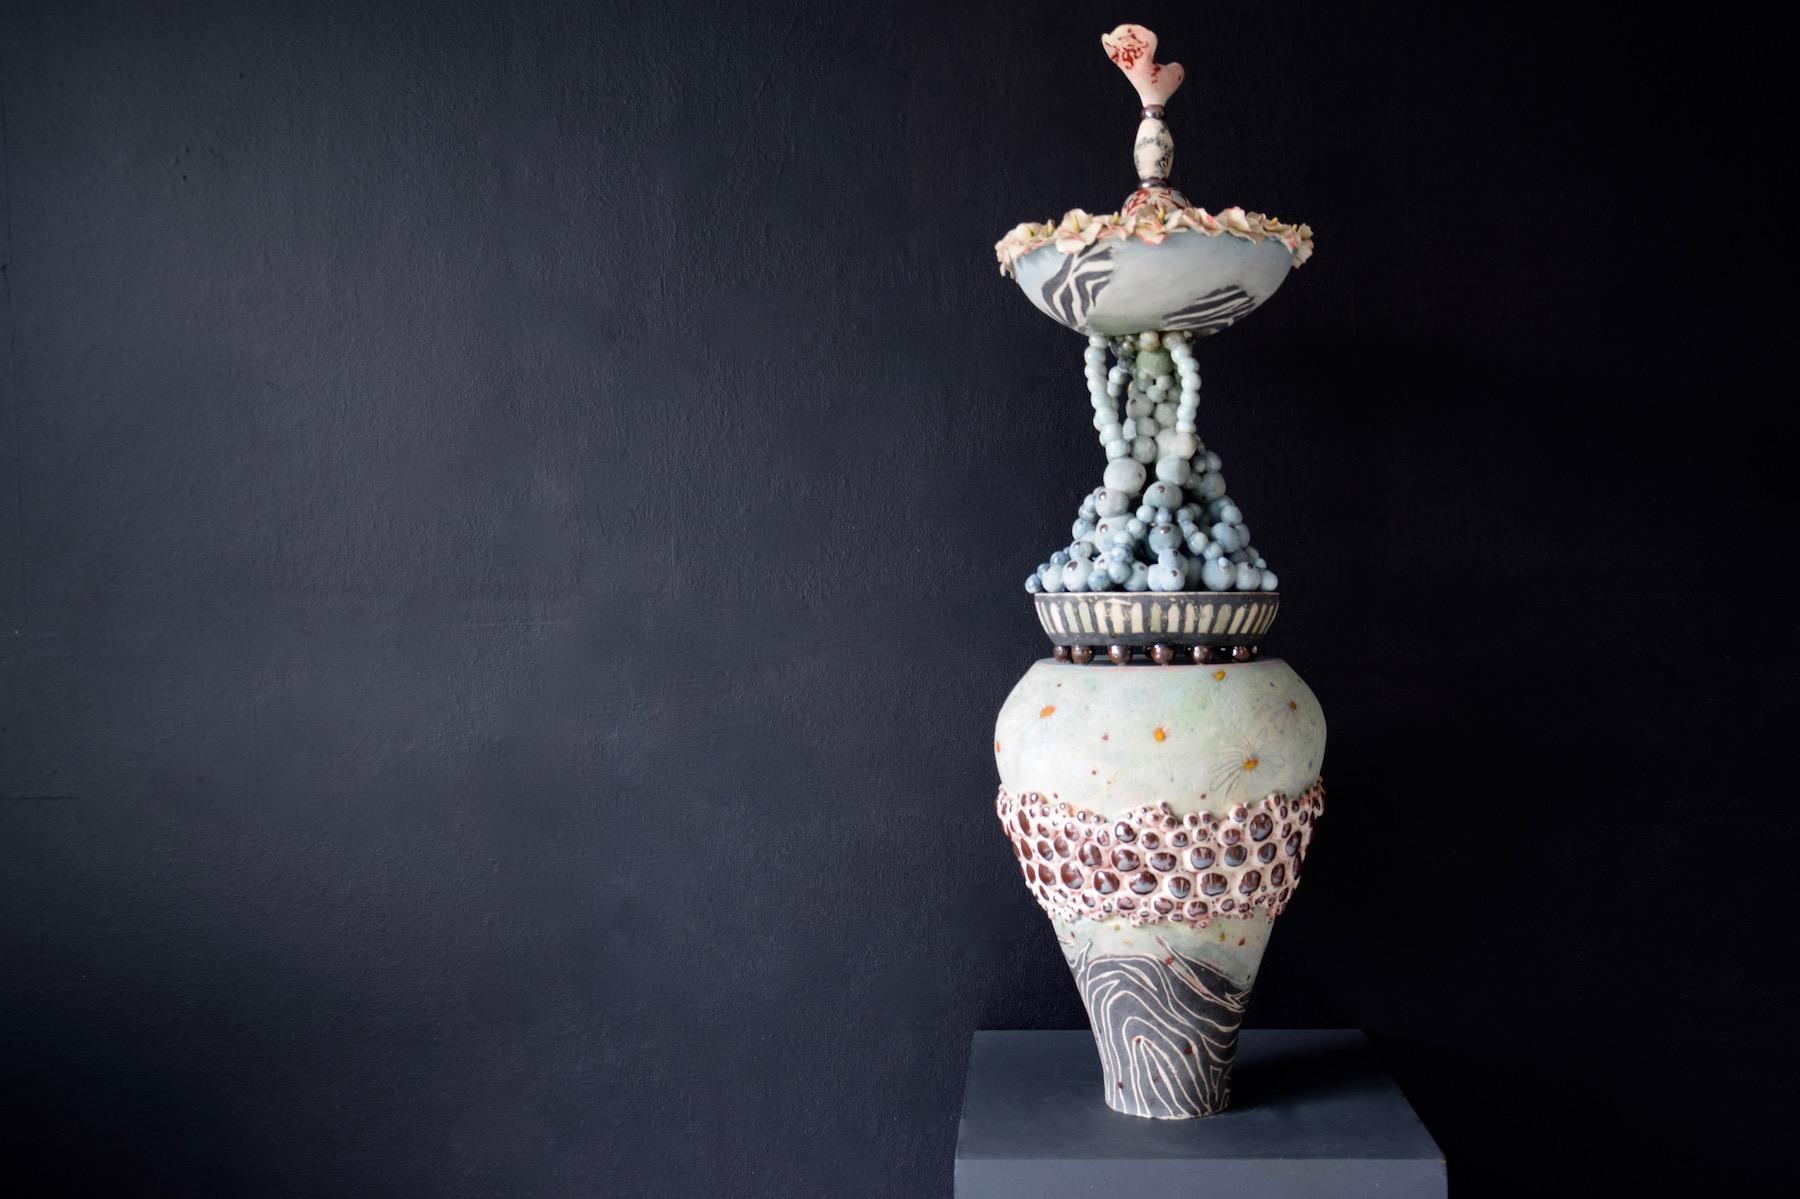 Keramiek sculptuur. Aardewerk opgebouwd uit ringen en bolletjes (bovenkant). Bewerkt met engobes en glazuren